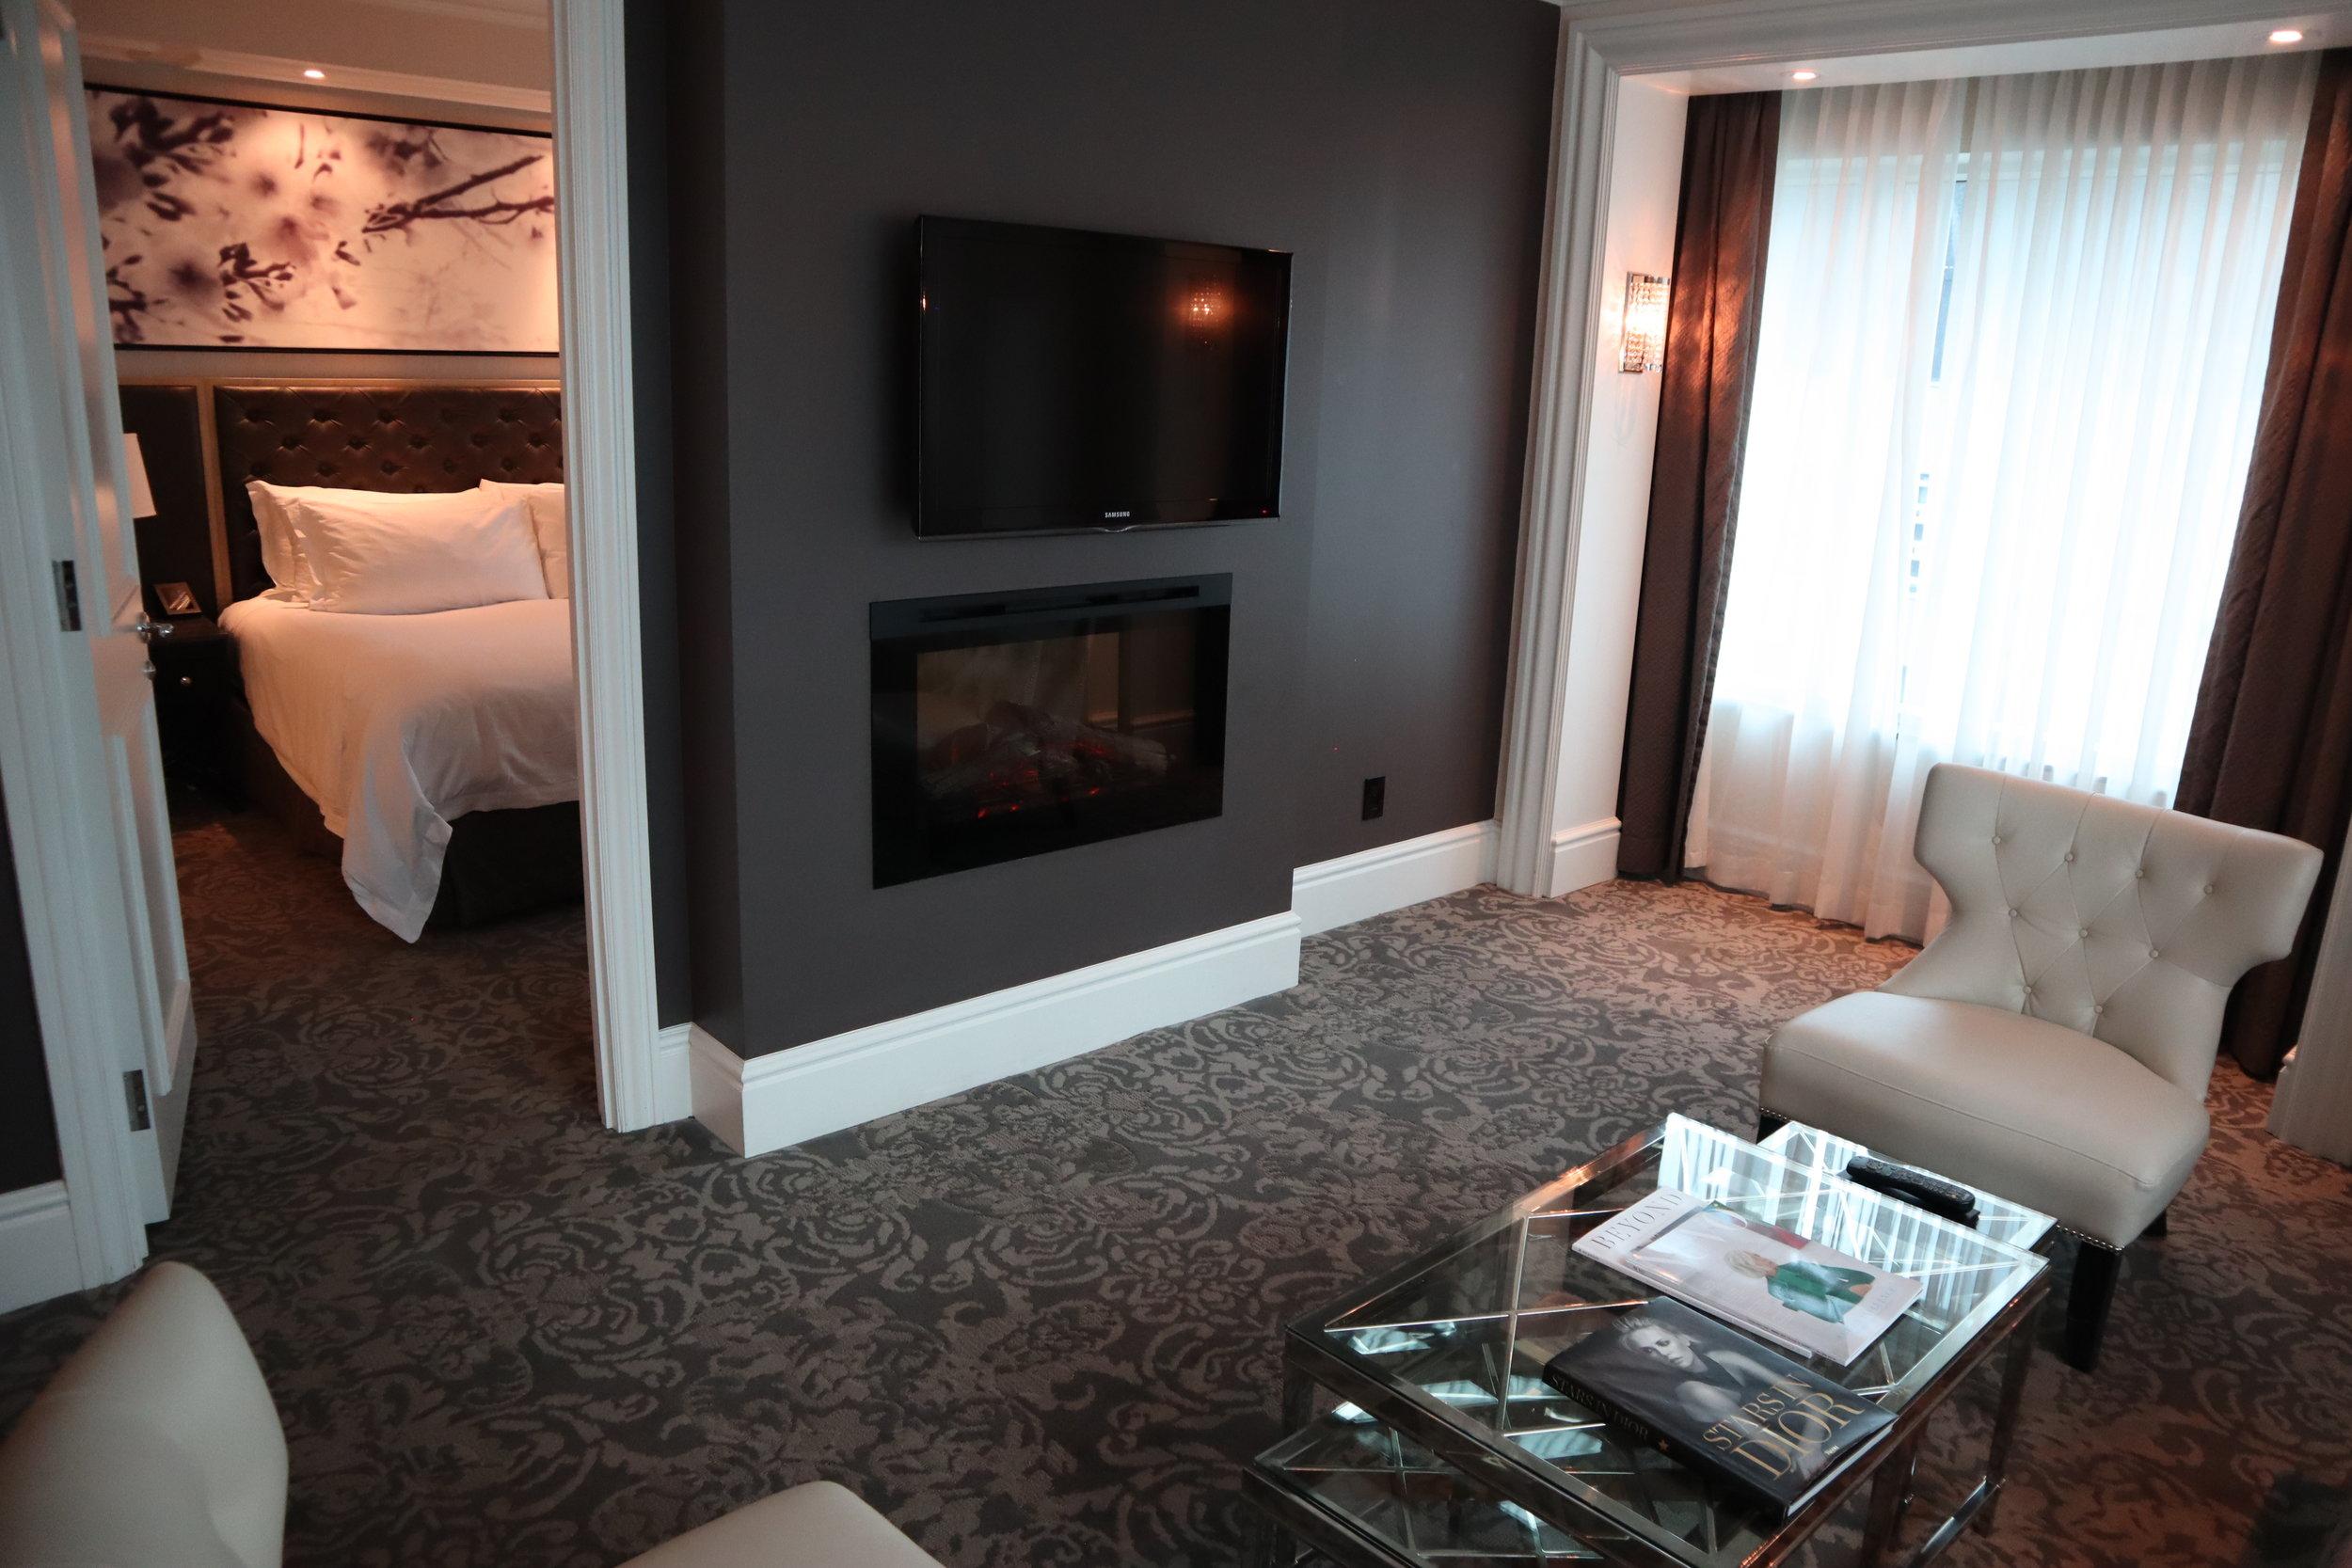 St. Regis Toronto – Two-bedroom suite living room